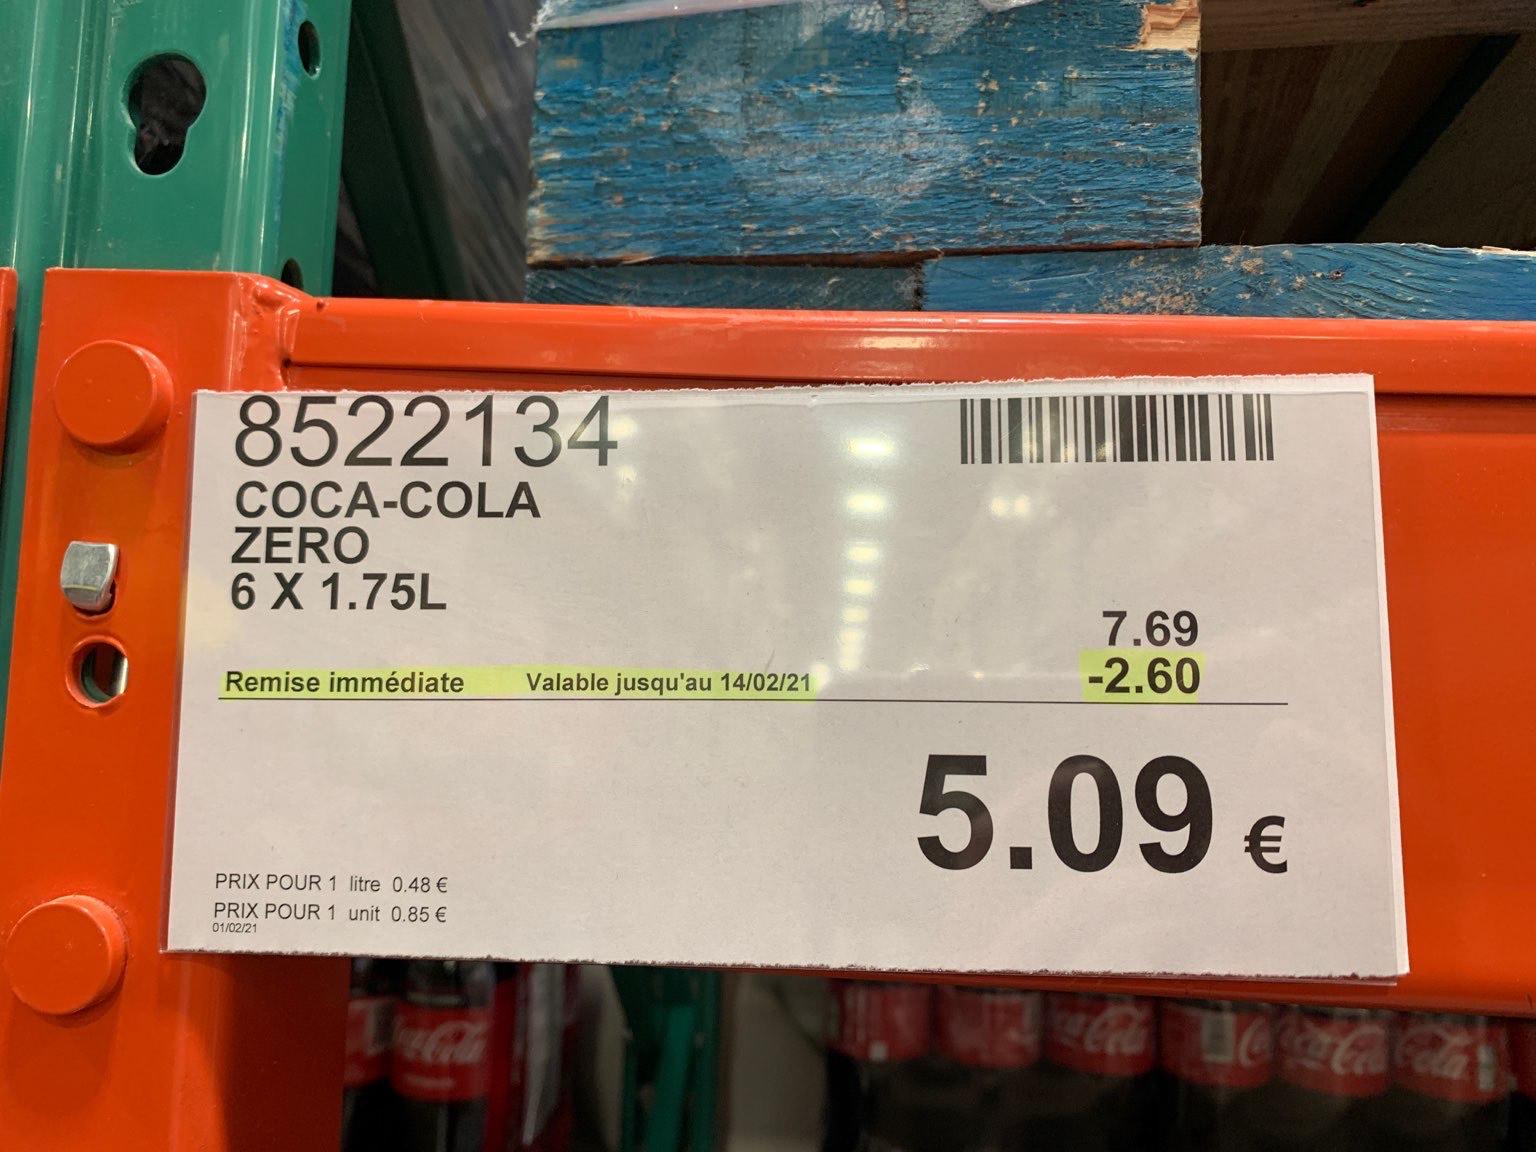 [Carte Costco] Pack 6 bouteilles de soda Coca Cola sans sucres (6x1.75l) - Villebon-sur-Yvette (91)